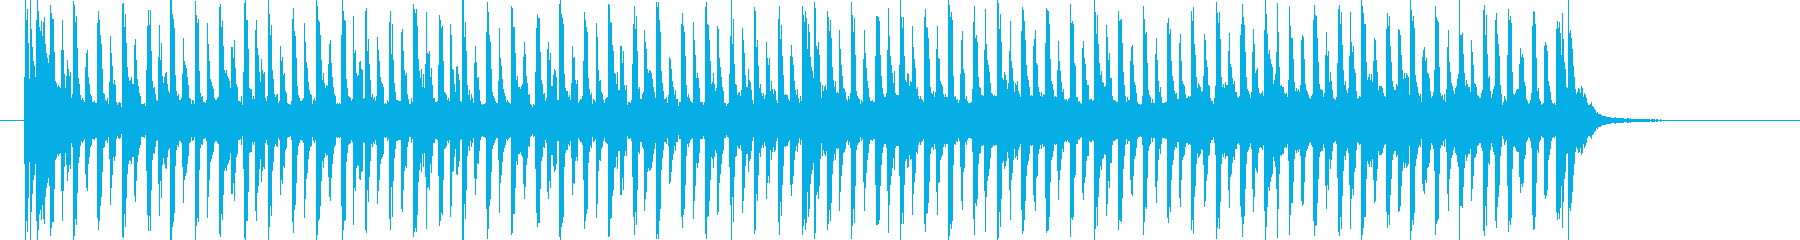 緩やかなスピード感のテクノポップジングルの再生済みの波形